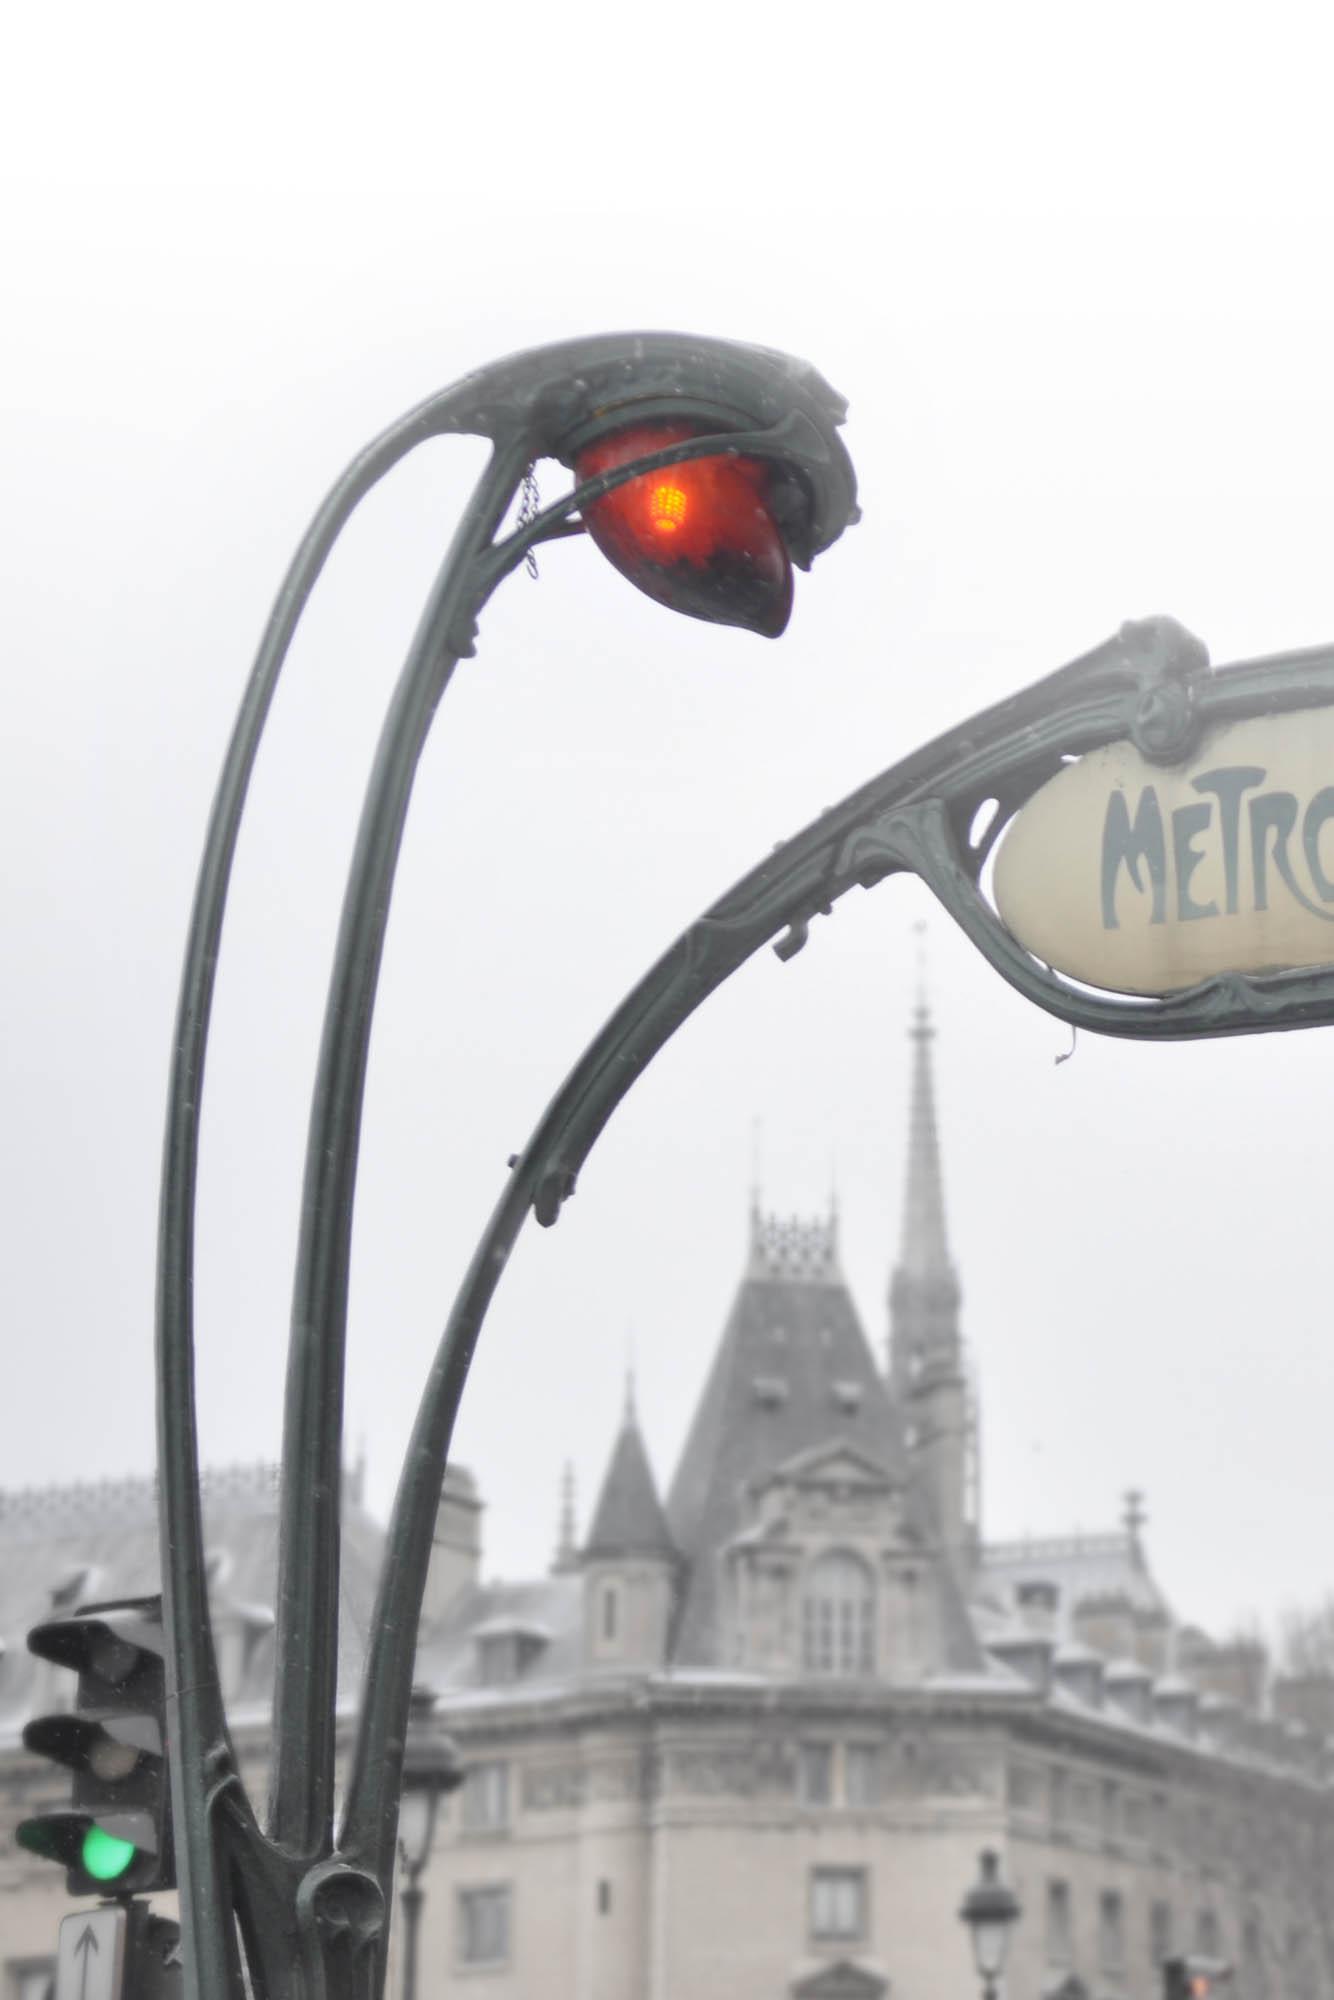 2012.02.05_09.41.26_4907(1)Metro